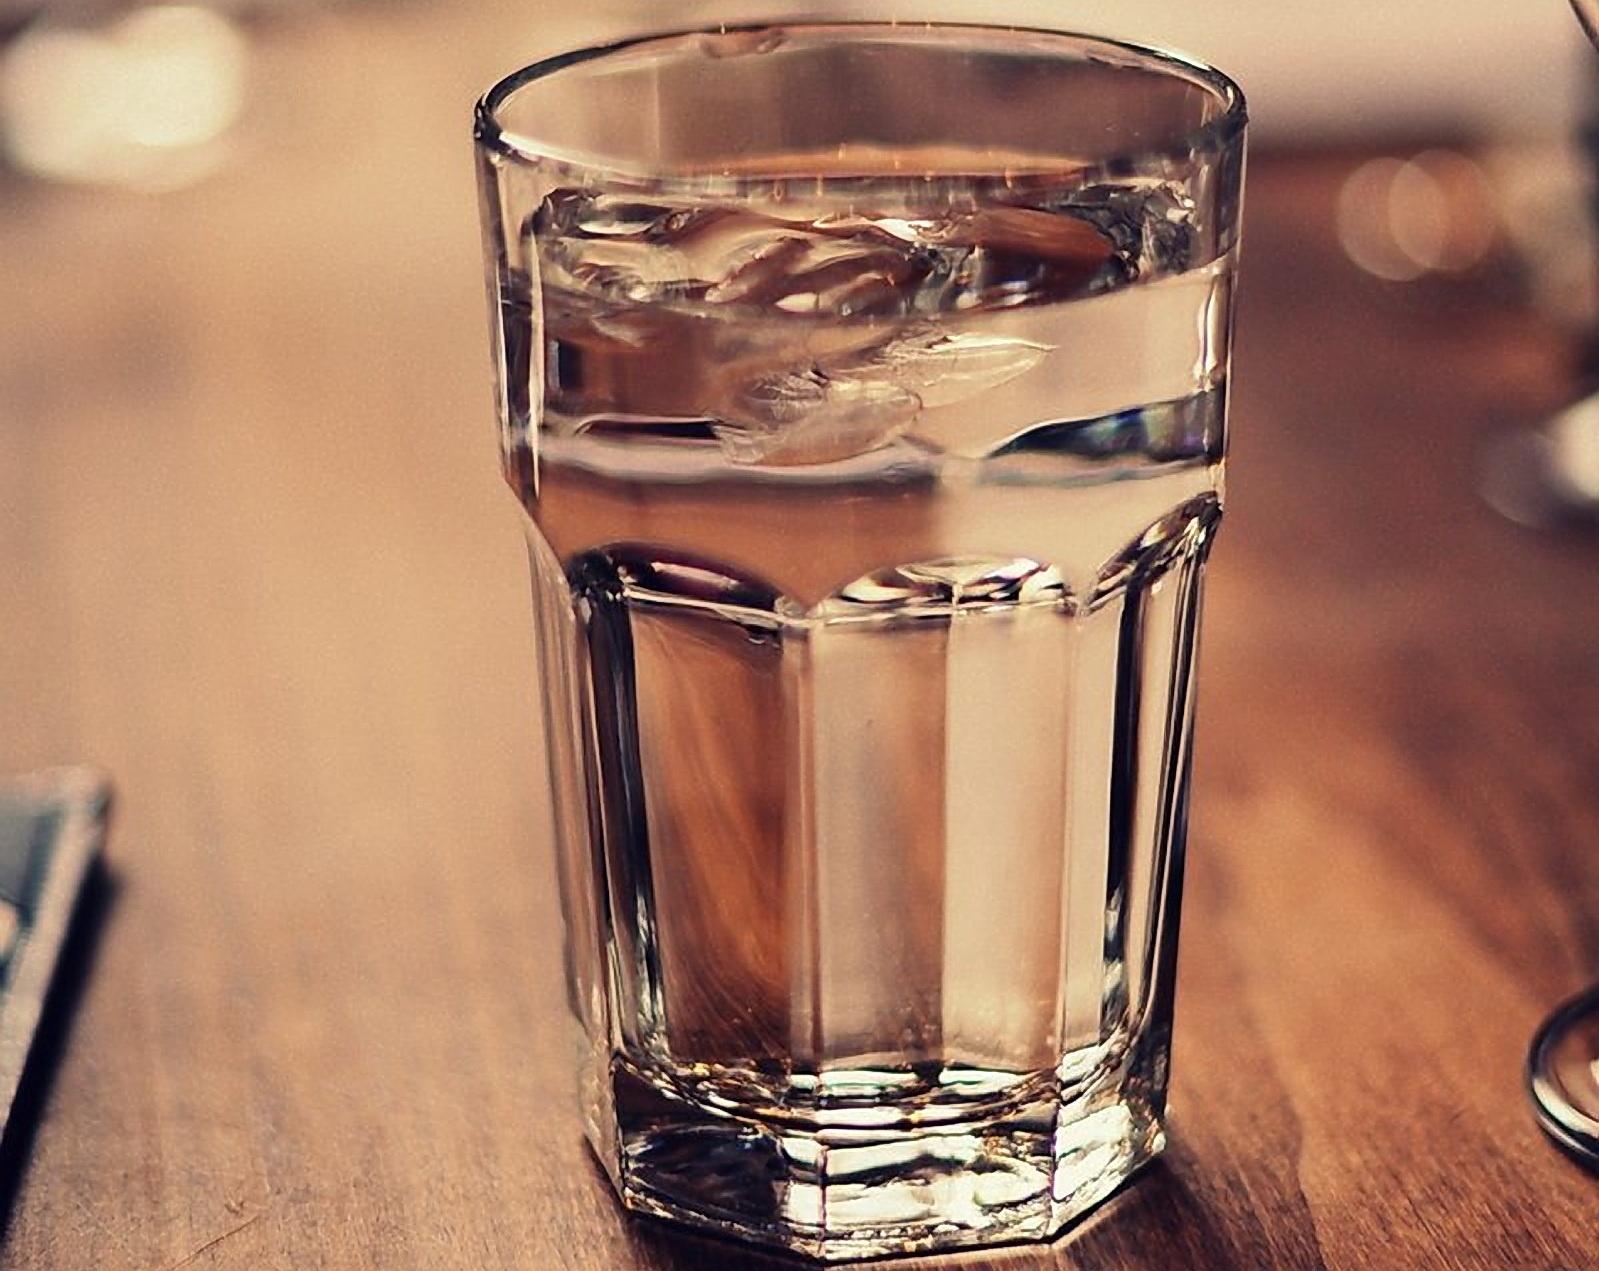 практически всегда стакан воды фото помощью